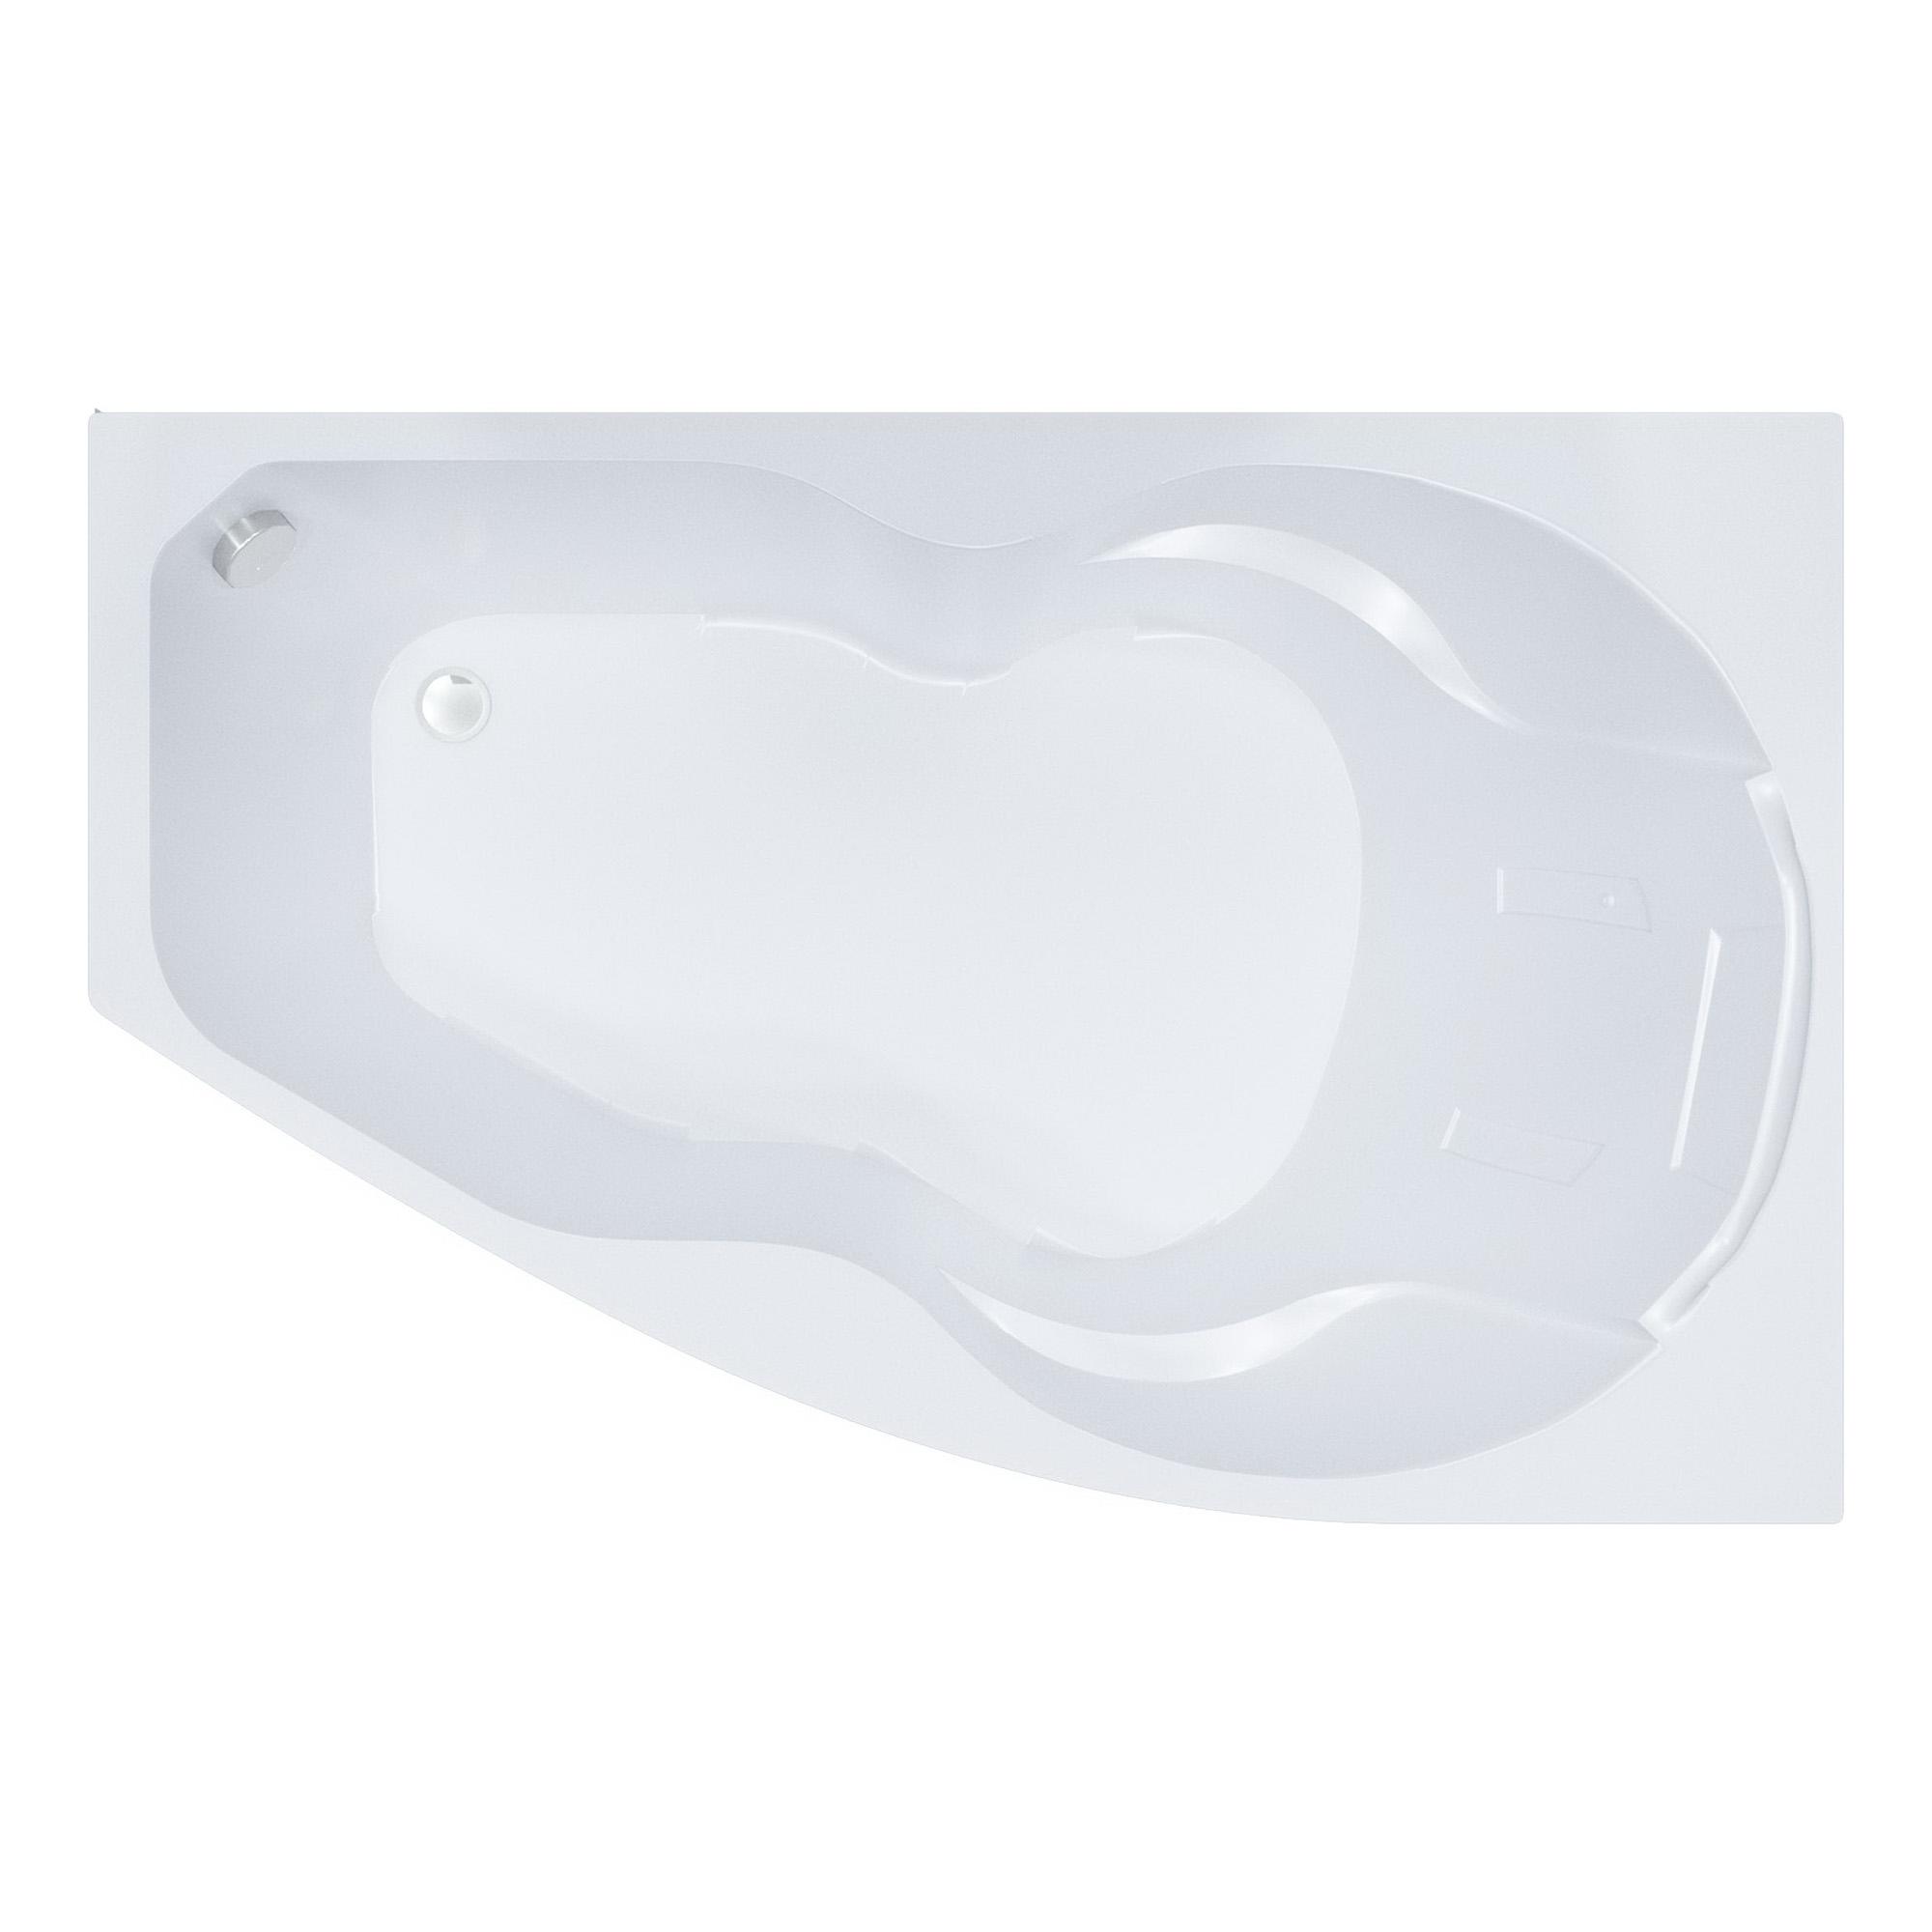 Акриловая ванна Тритон Бриз левая ванна акриловая triton бриз левая